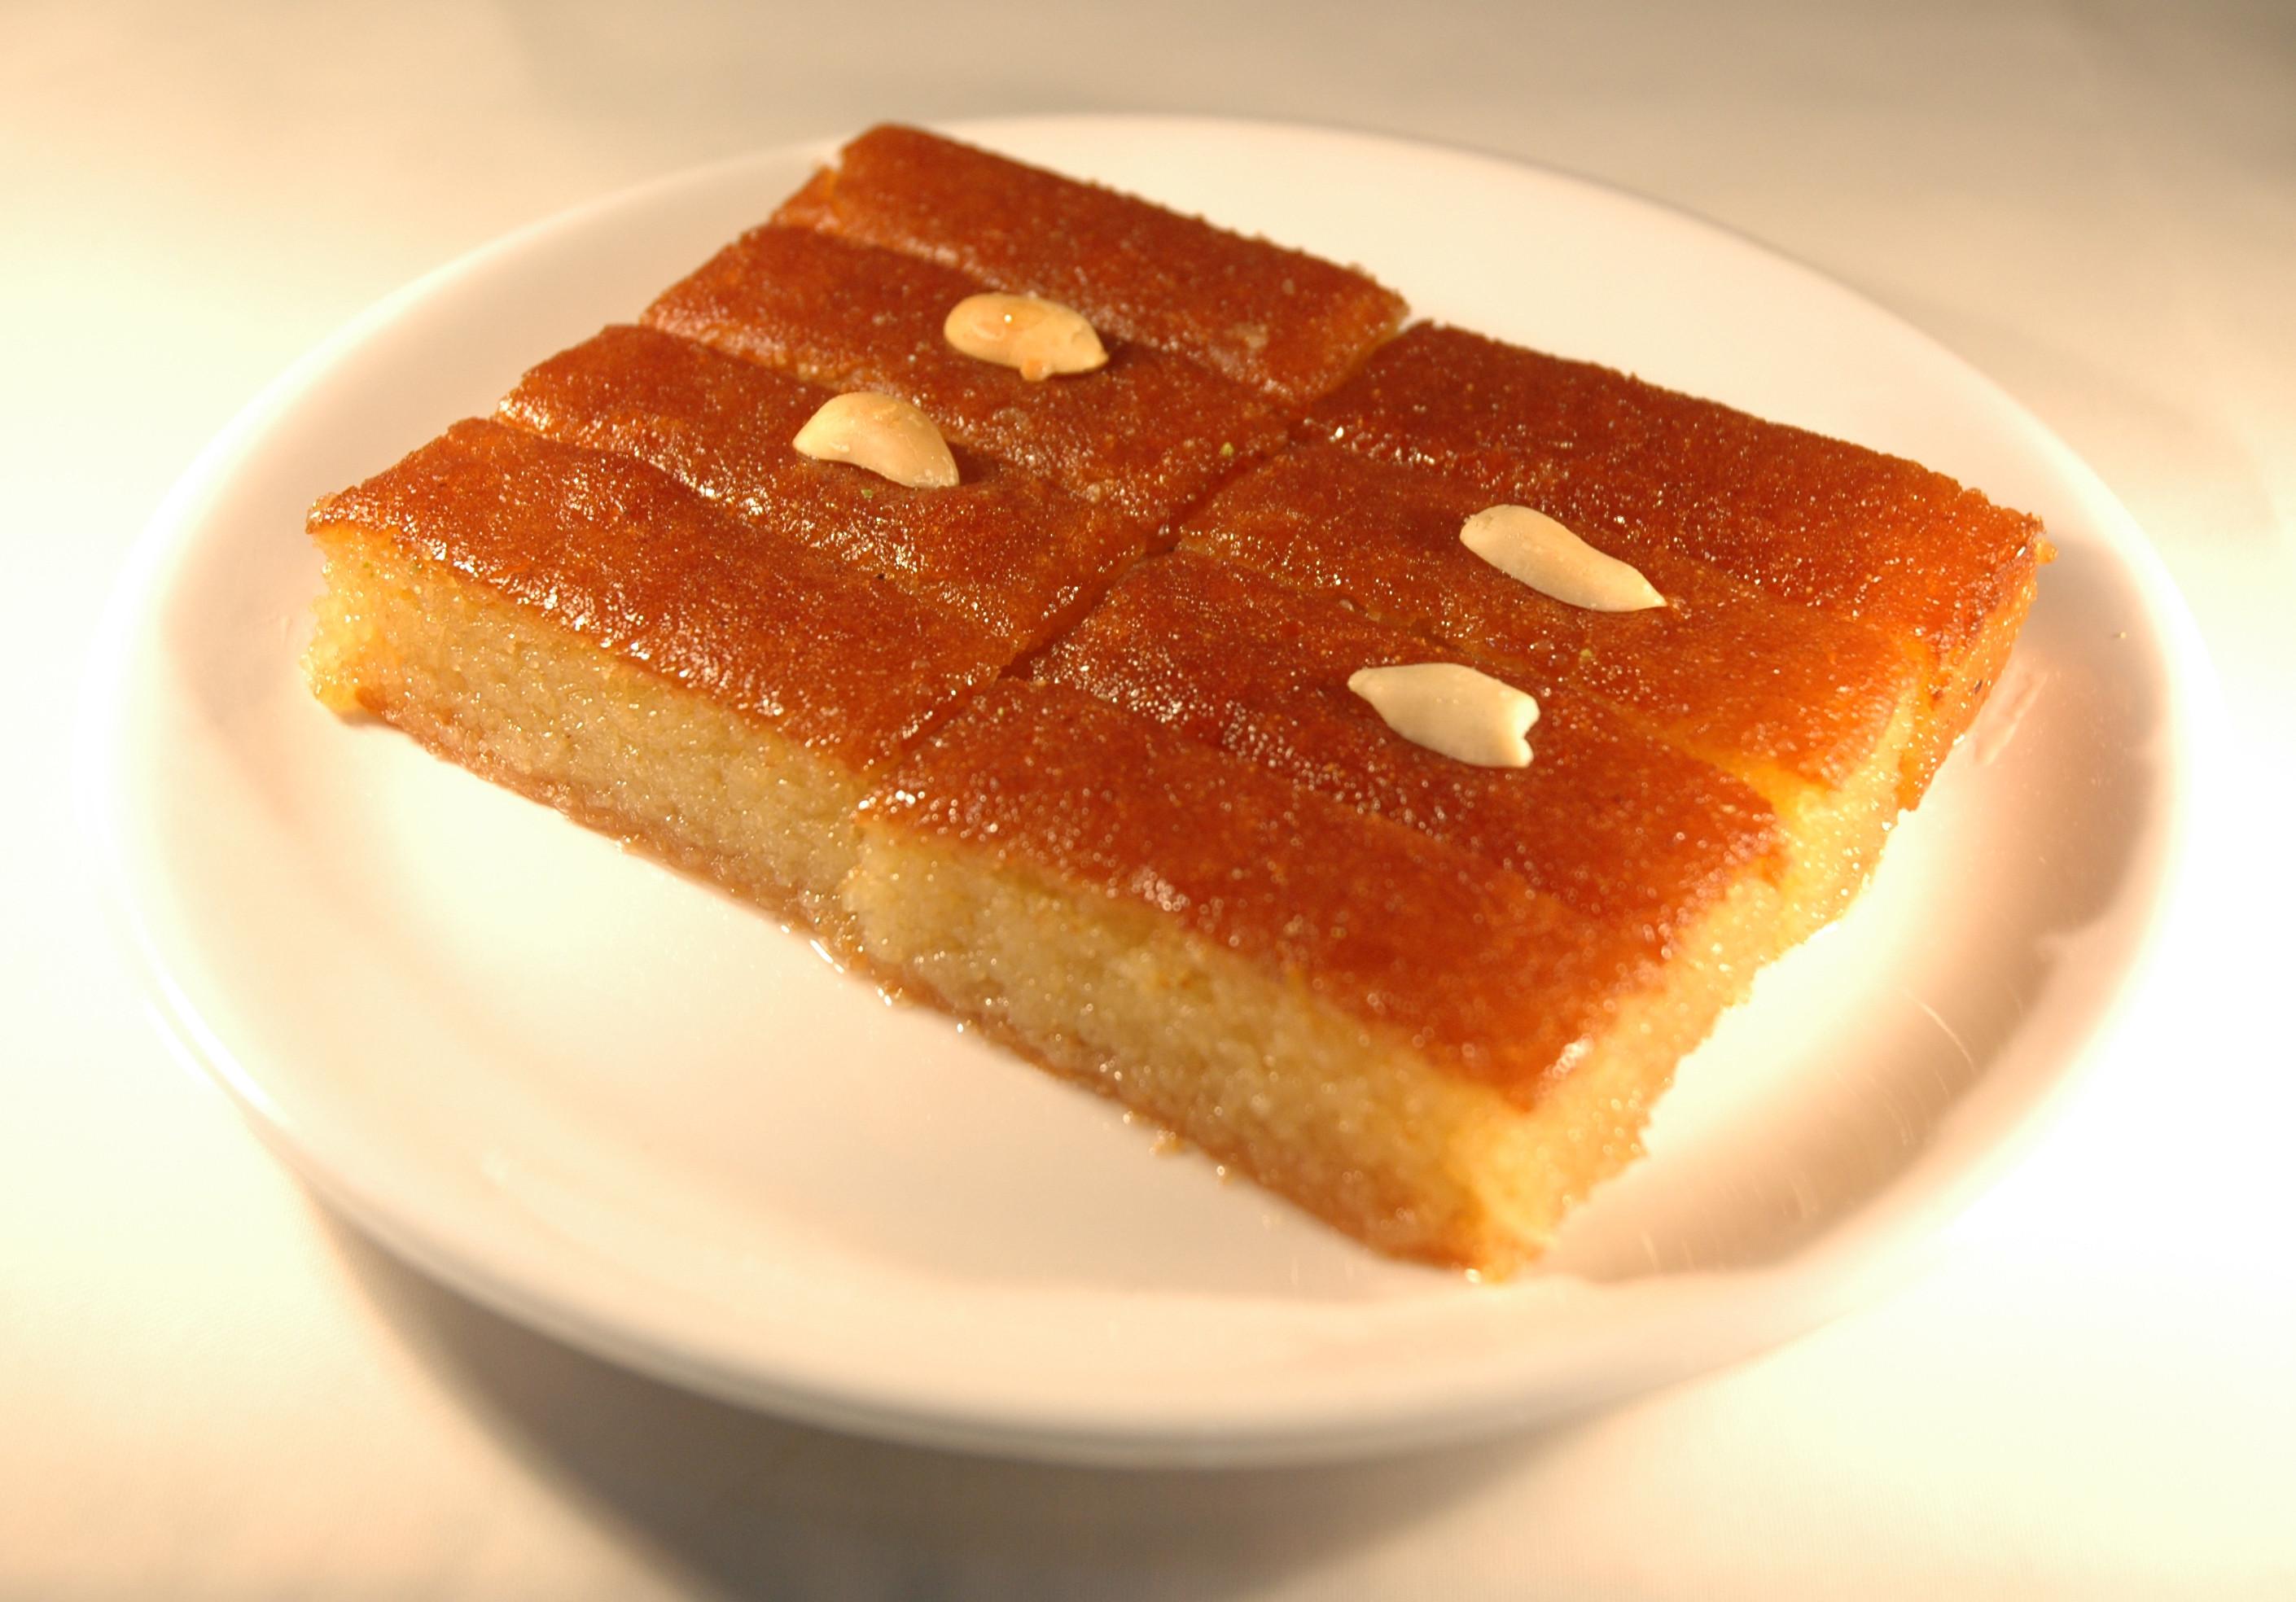 Rüyada aşure görmek ve yemek ne anlama gelir İslami tabiri